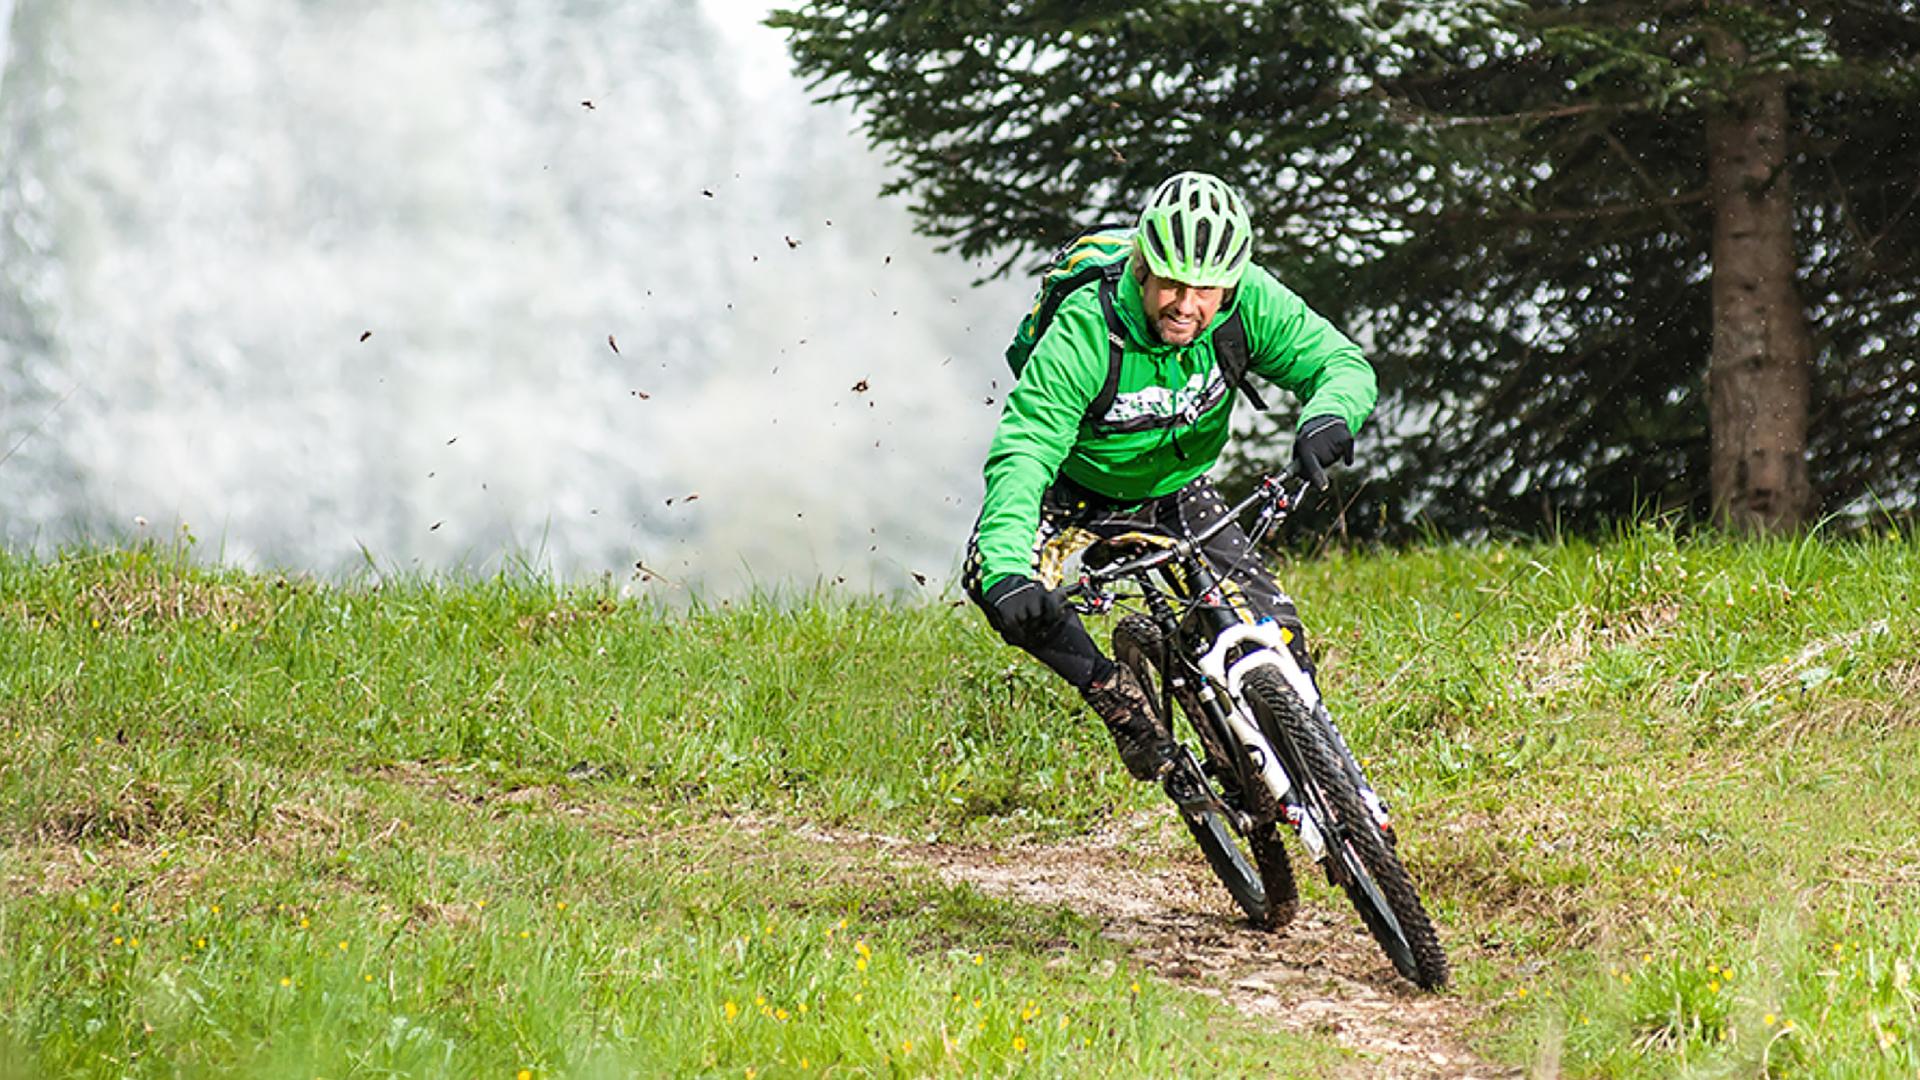 Magura Mountainbiker auf grüner Wiese vor Wald